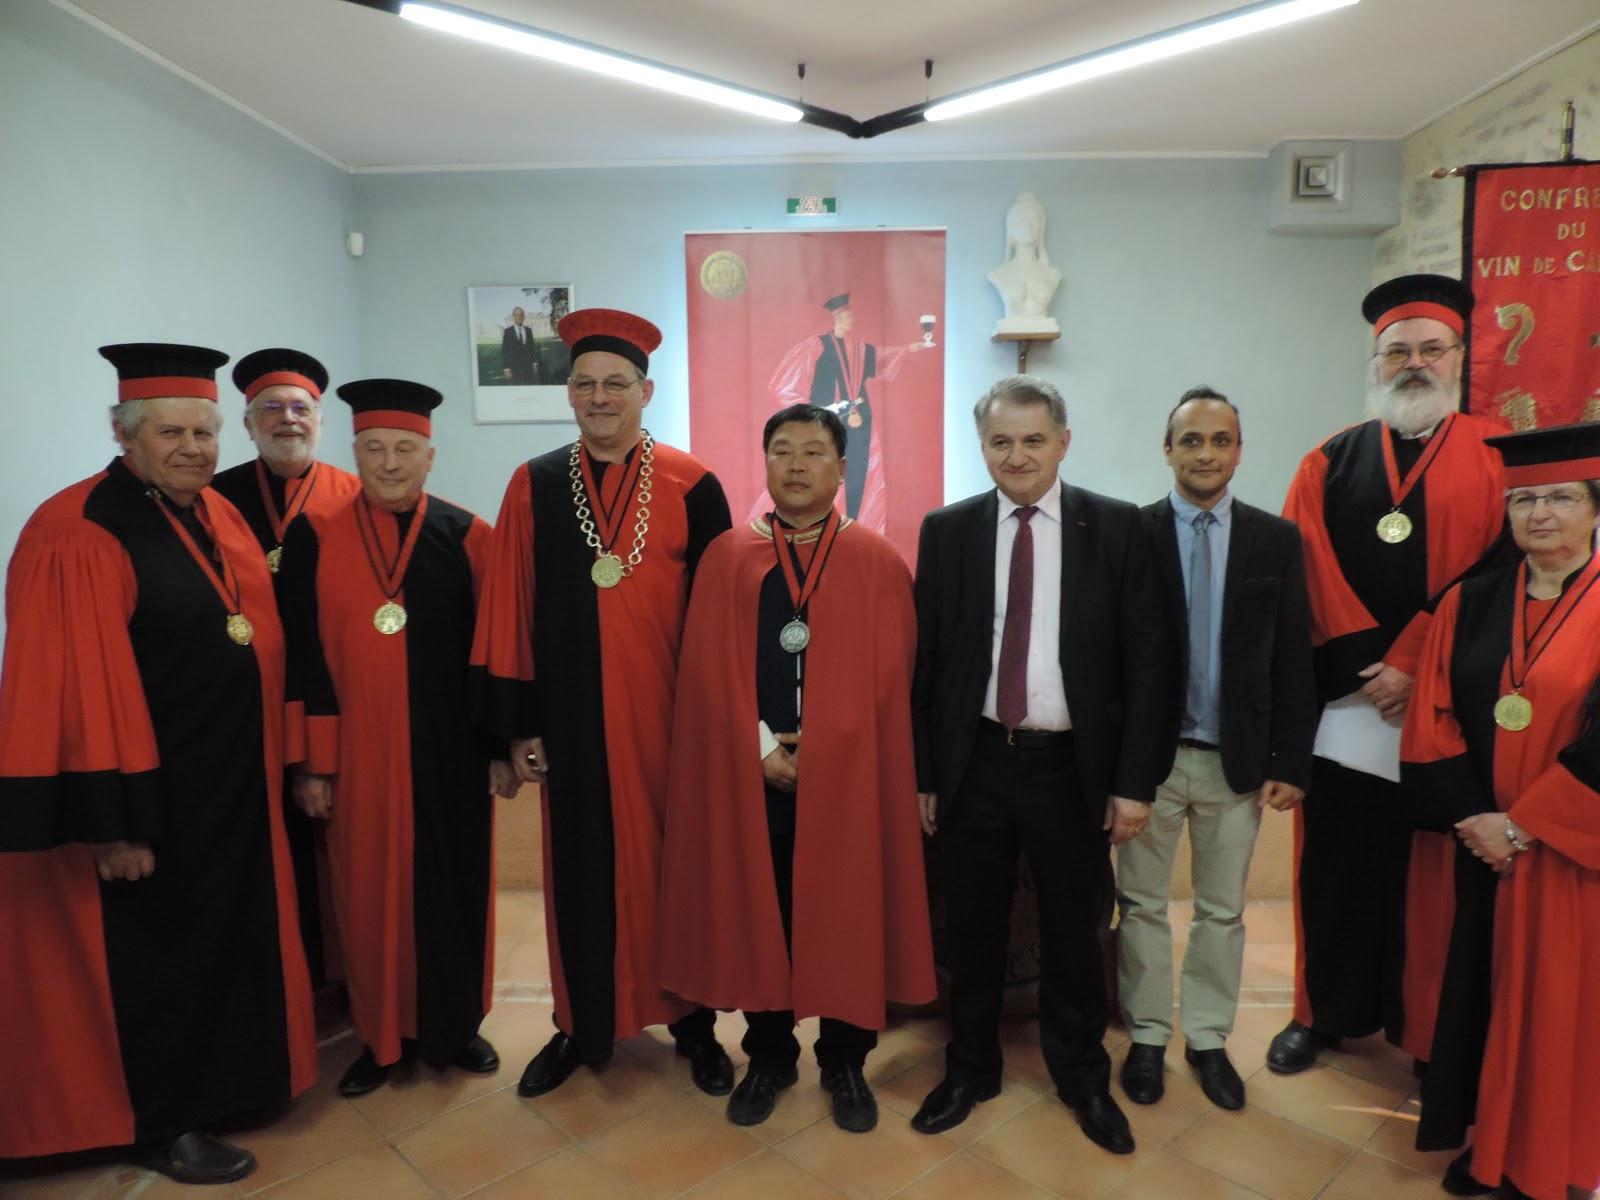 Confr rie du vin de cahors chapitre exceptionnel for Maitre art martiaux chinois